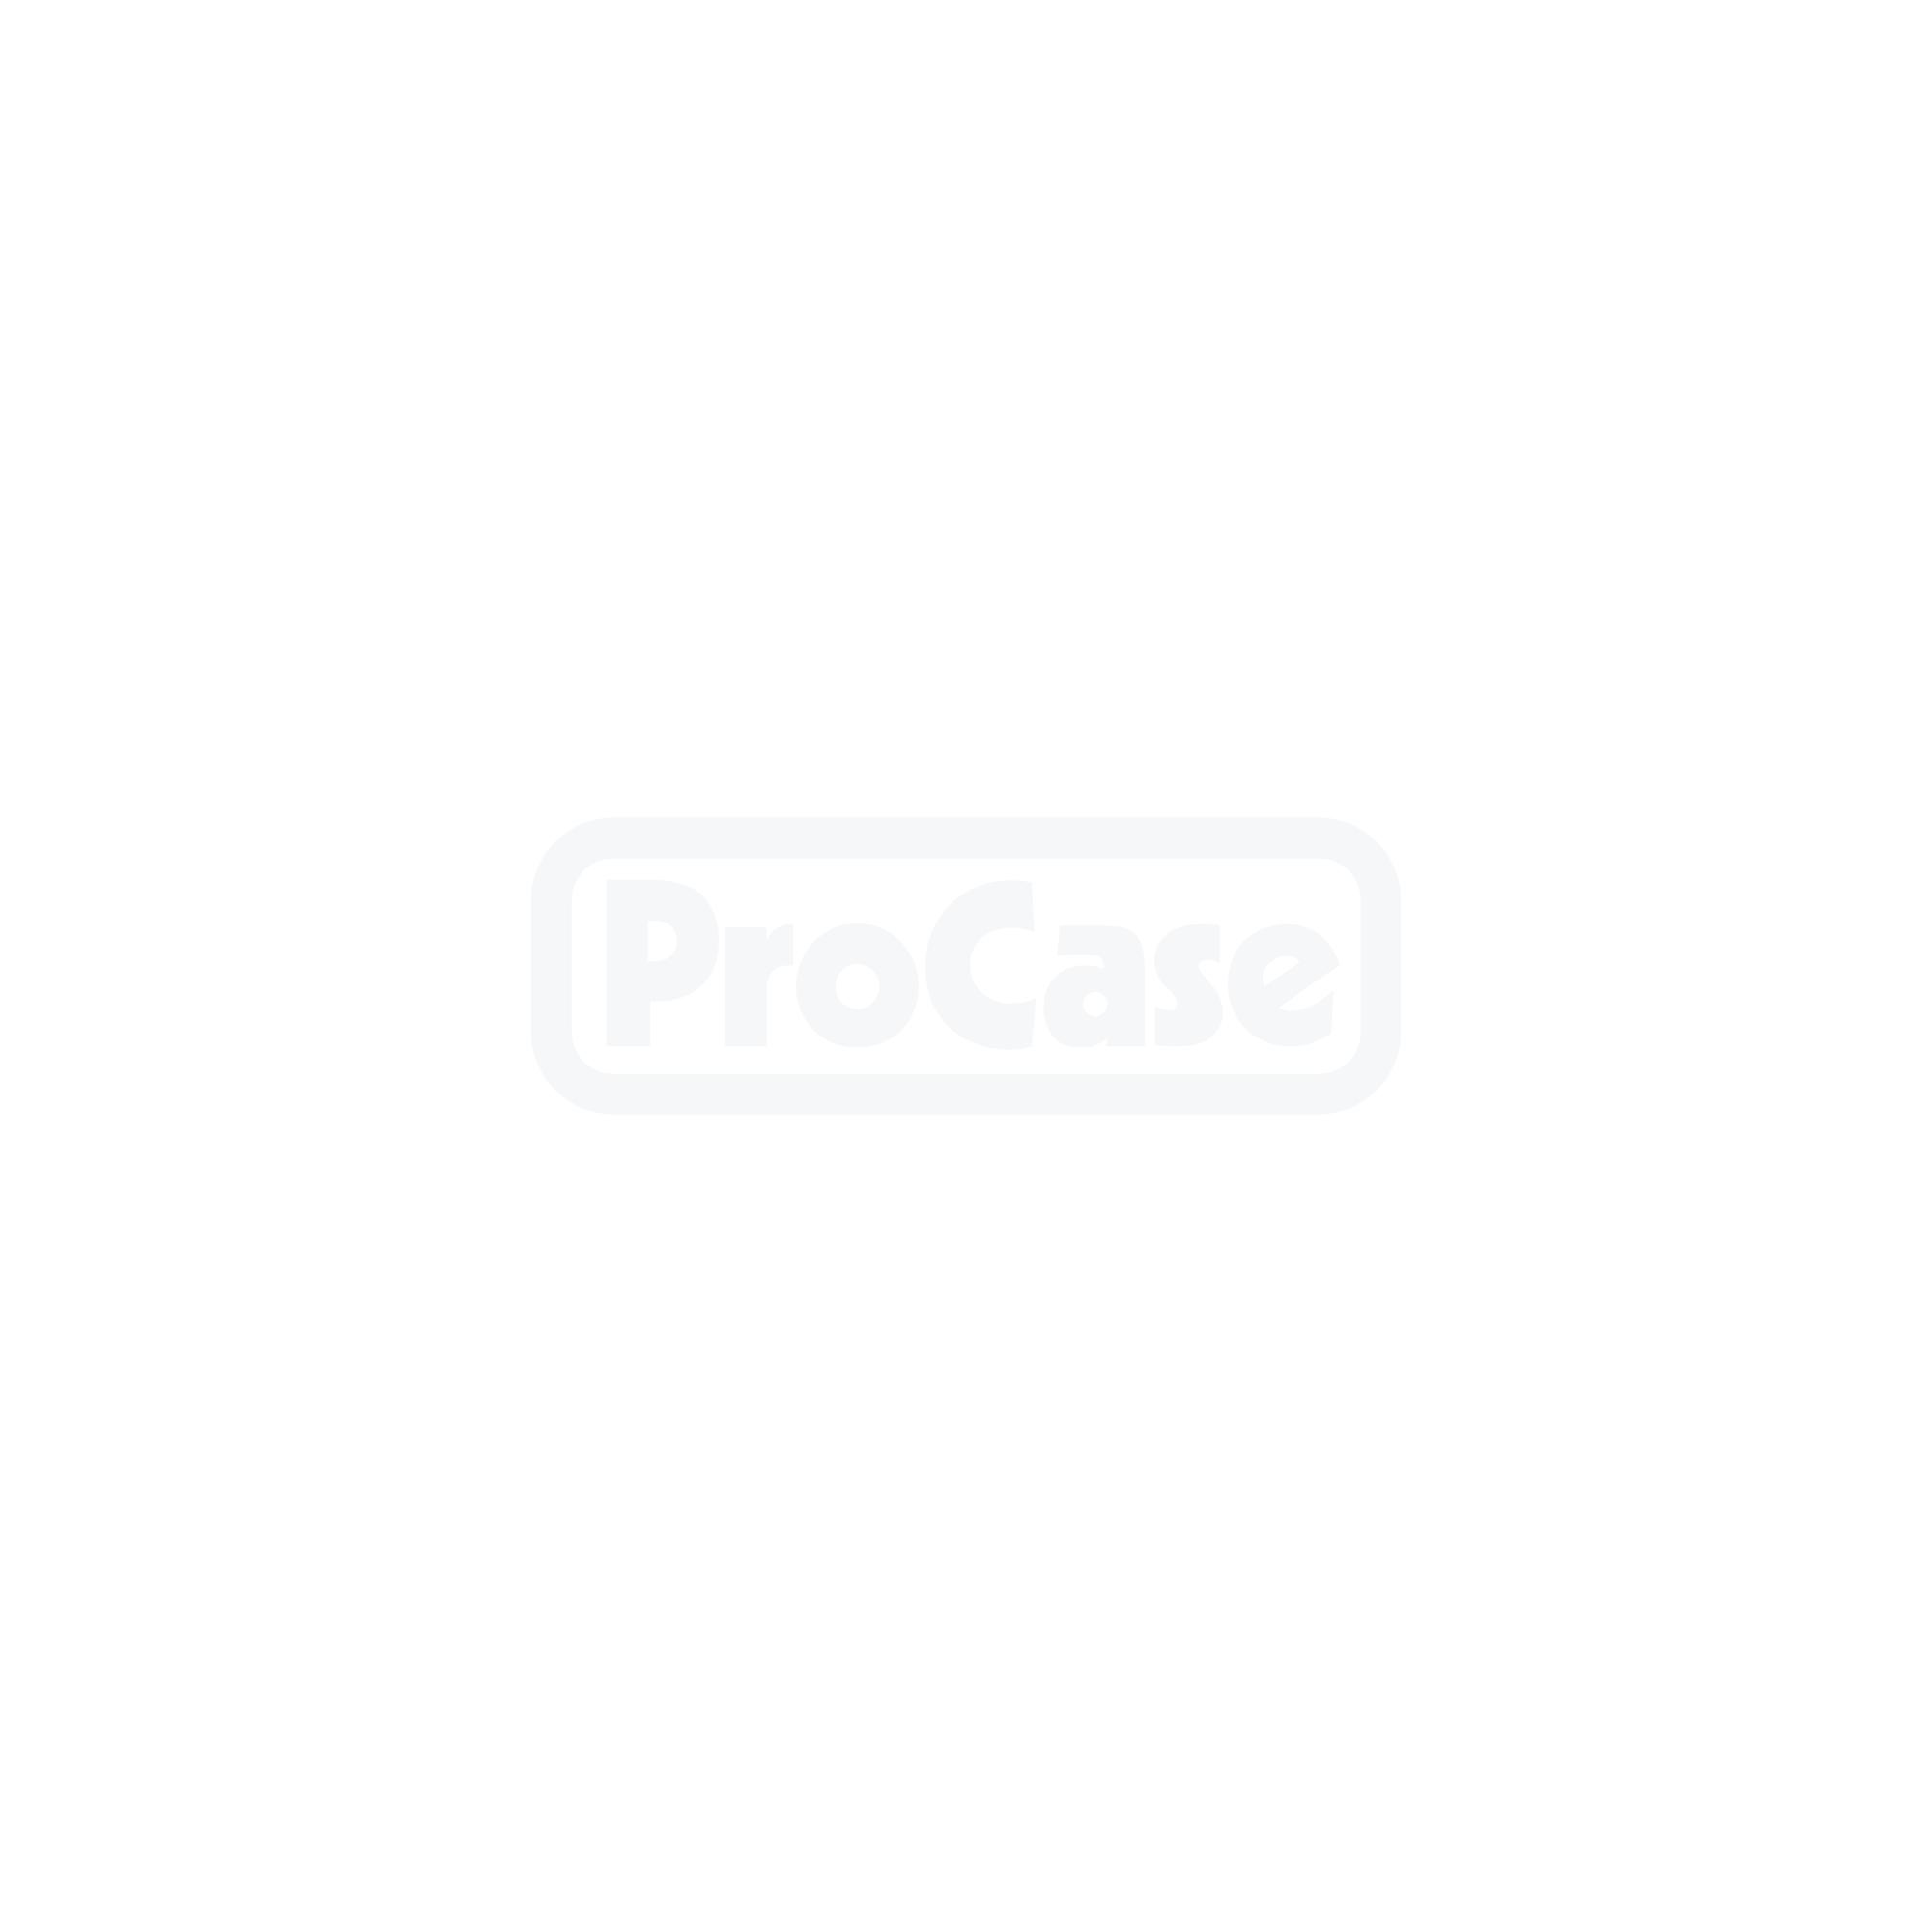 QSD-Rack 20HE 600 mm tief 4